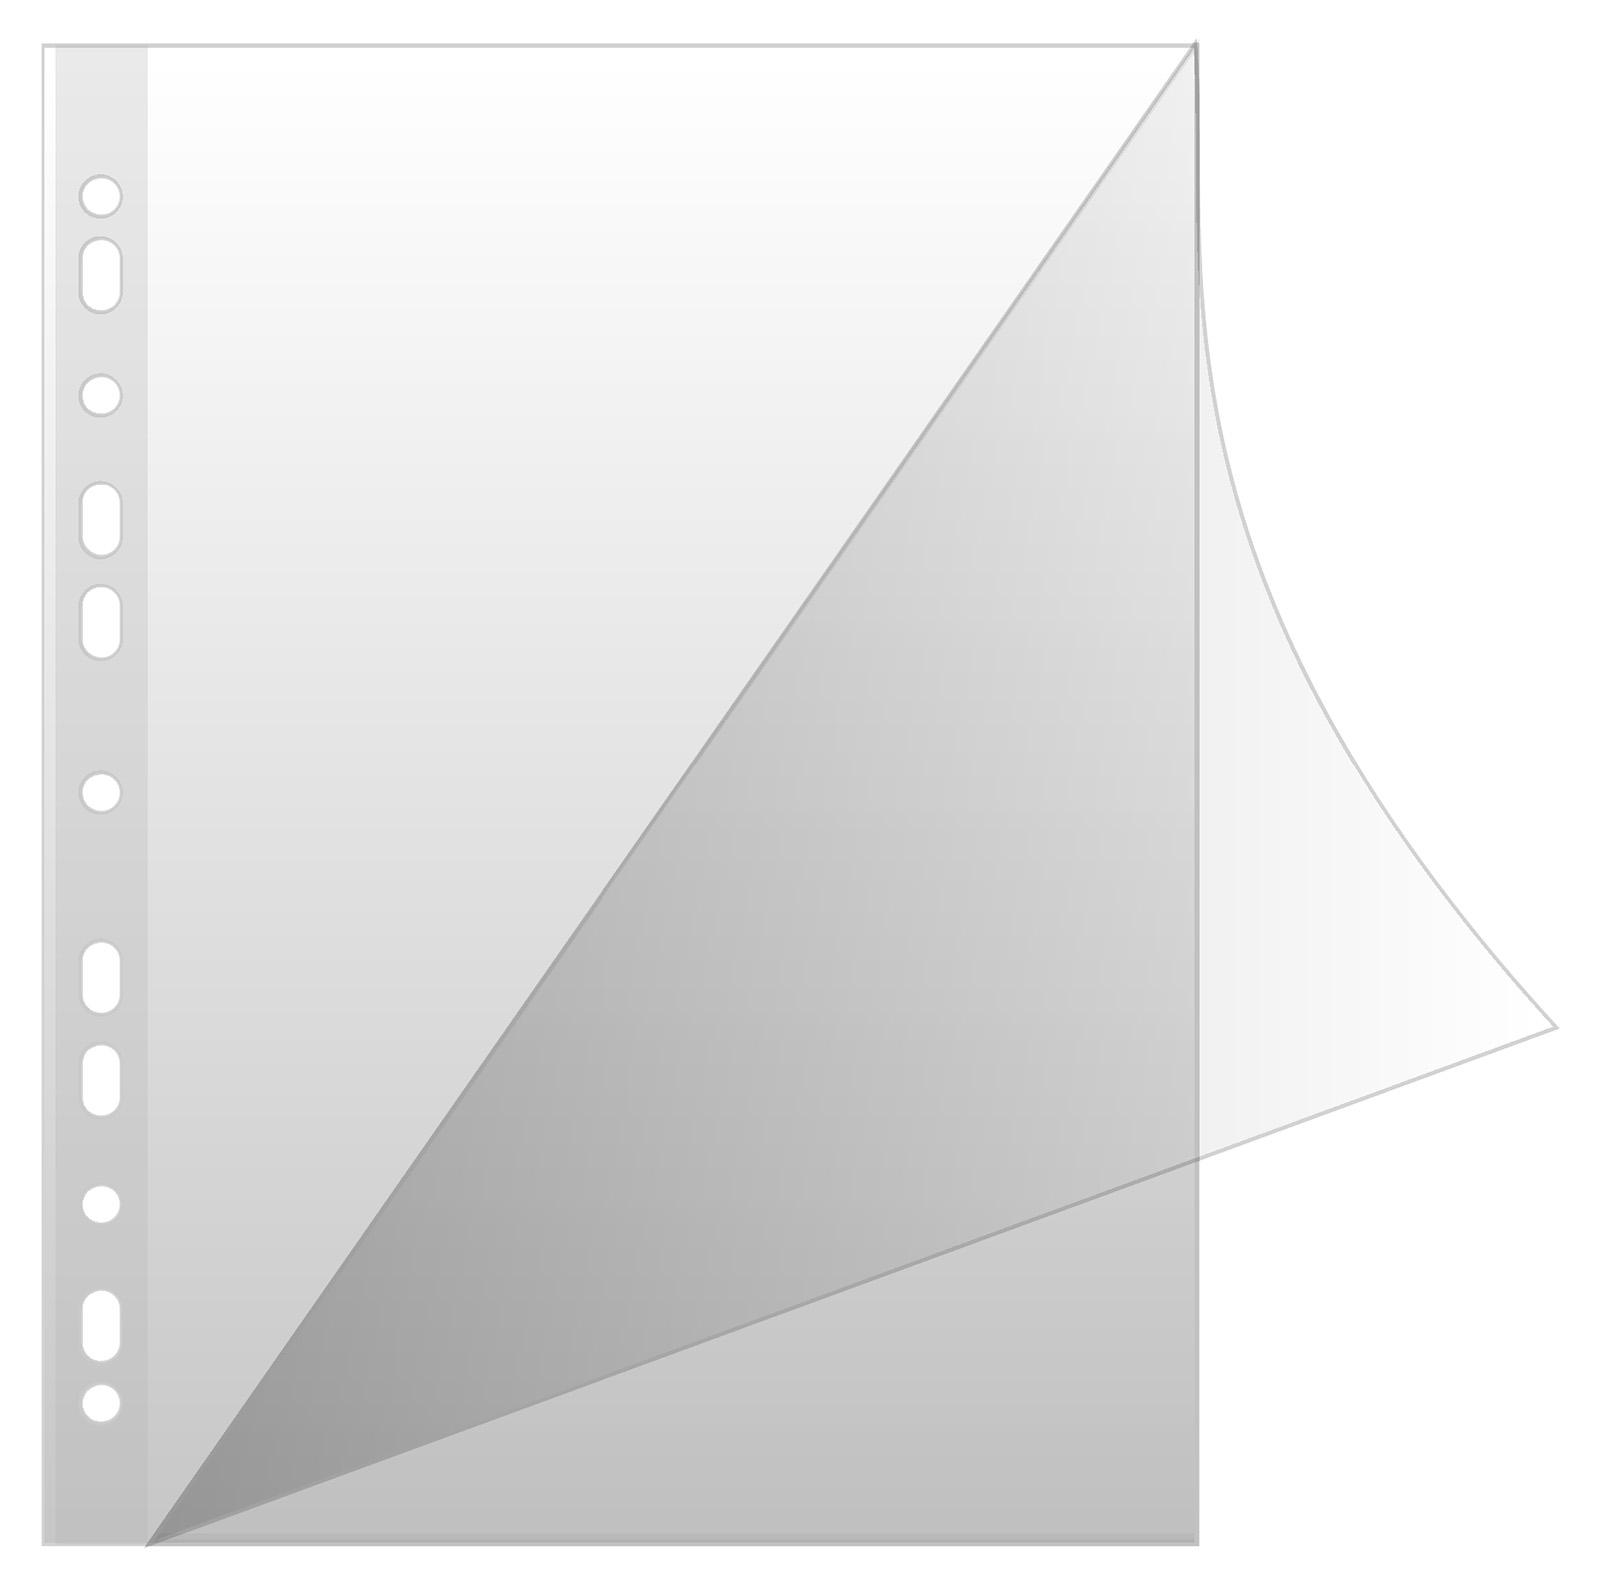 Folie protectie L pentru documente A4, 150 microni, 50 buc/set, Donau- cristal